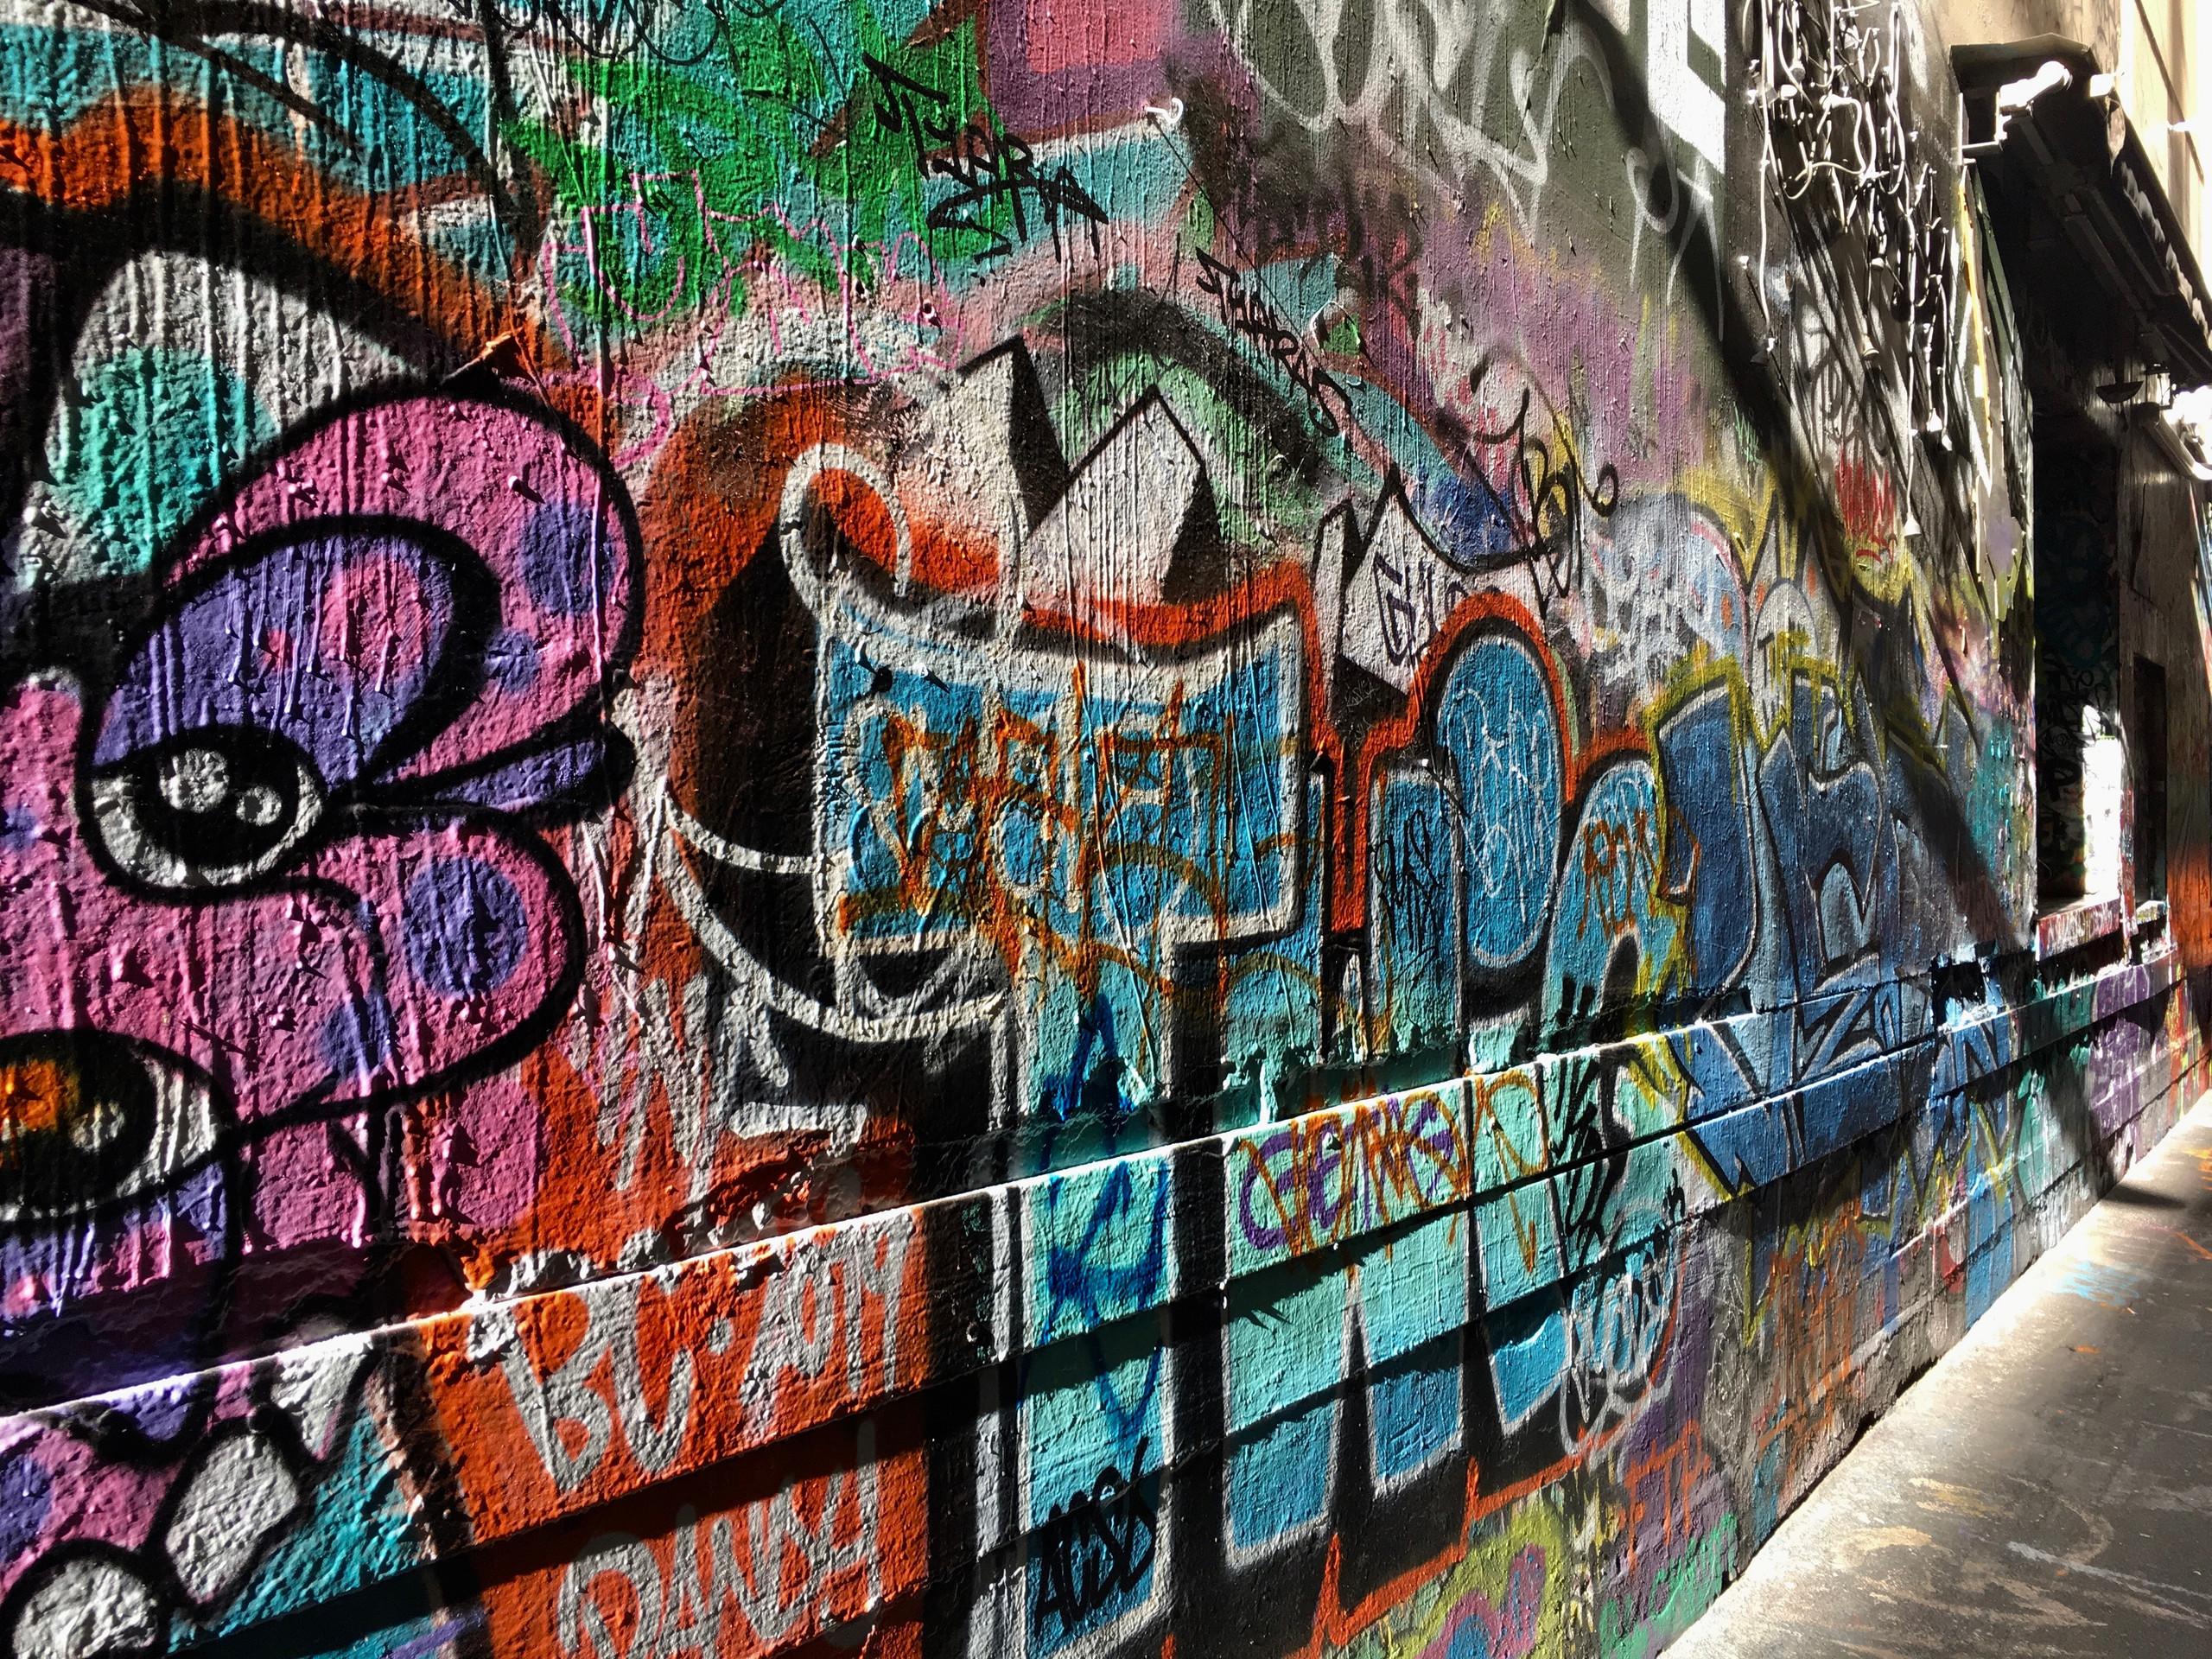 Graffiti wall | Union Lane